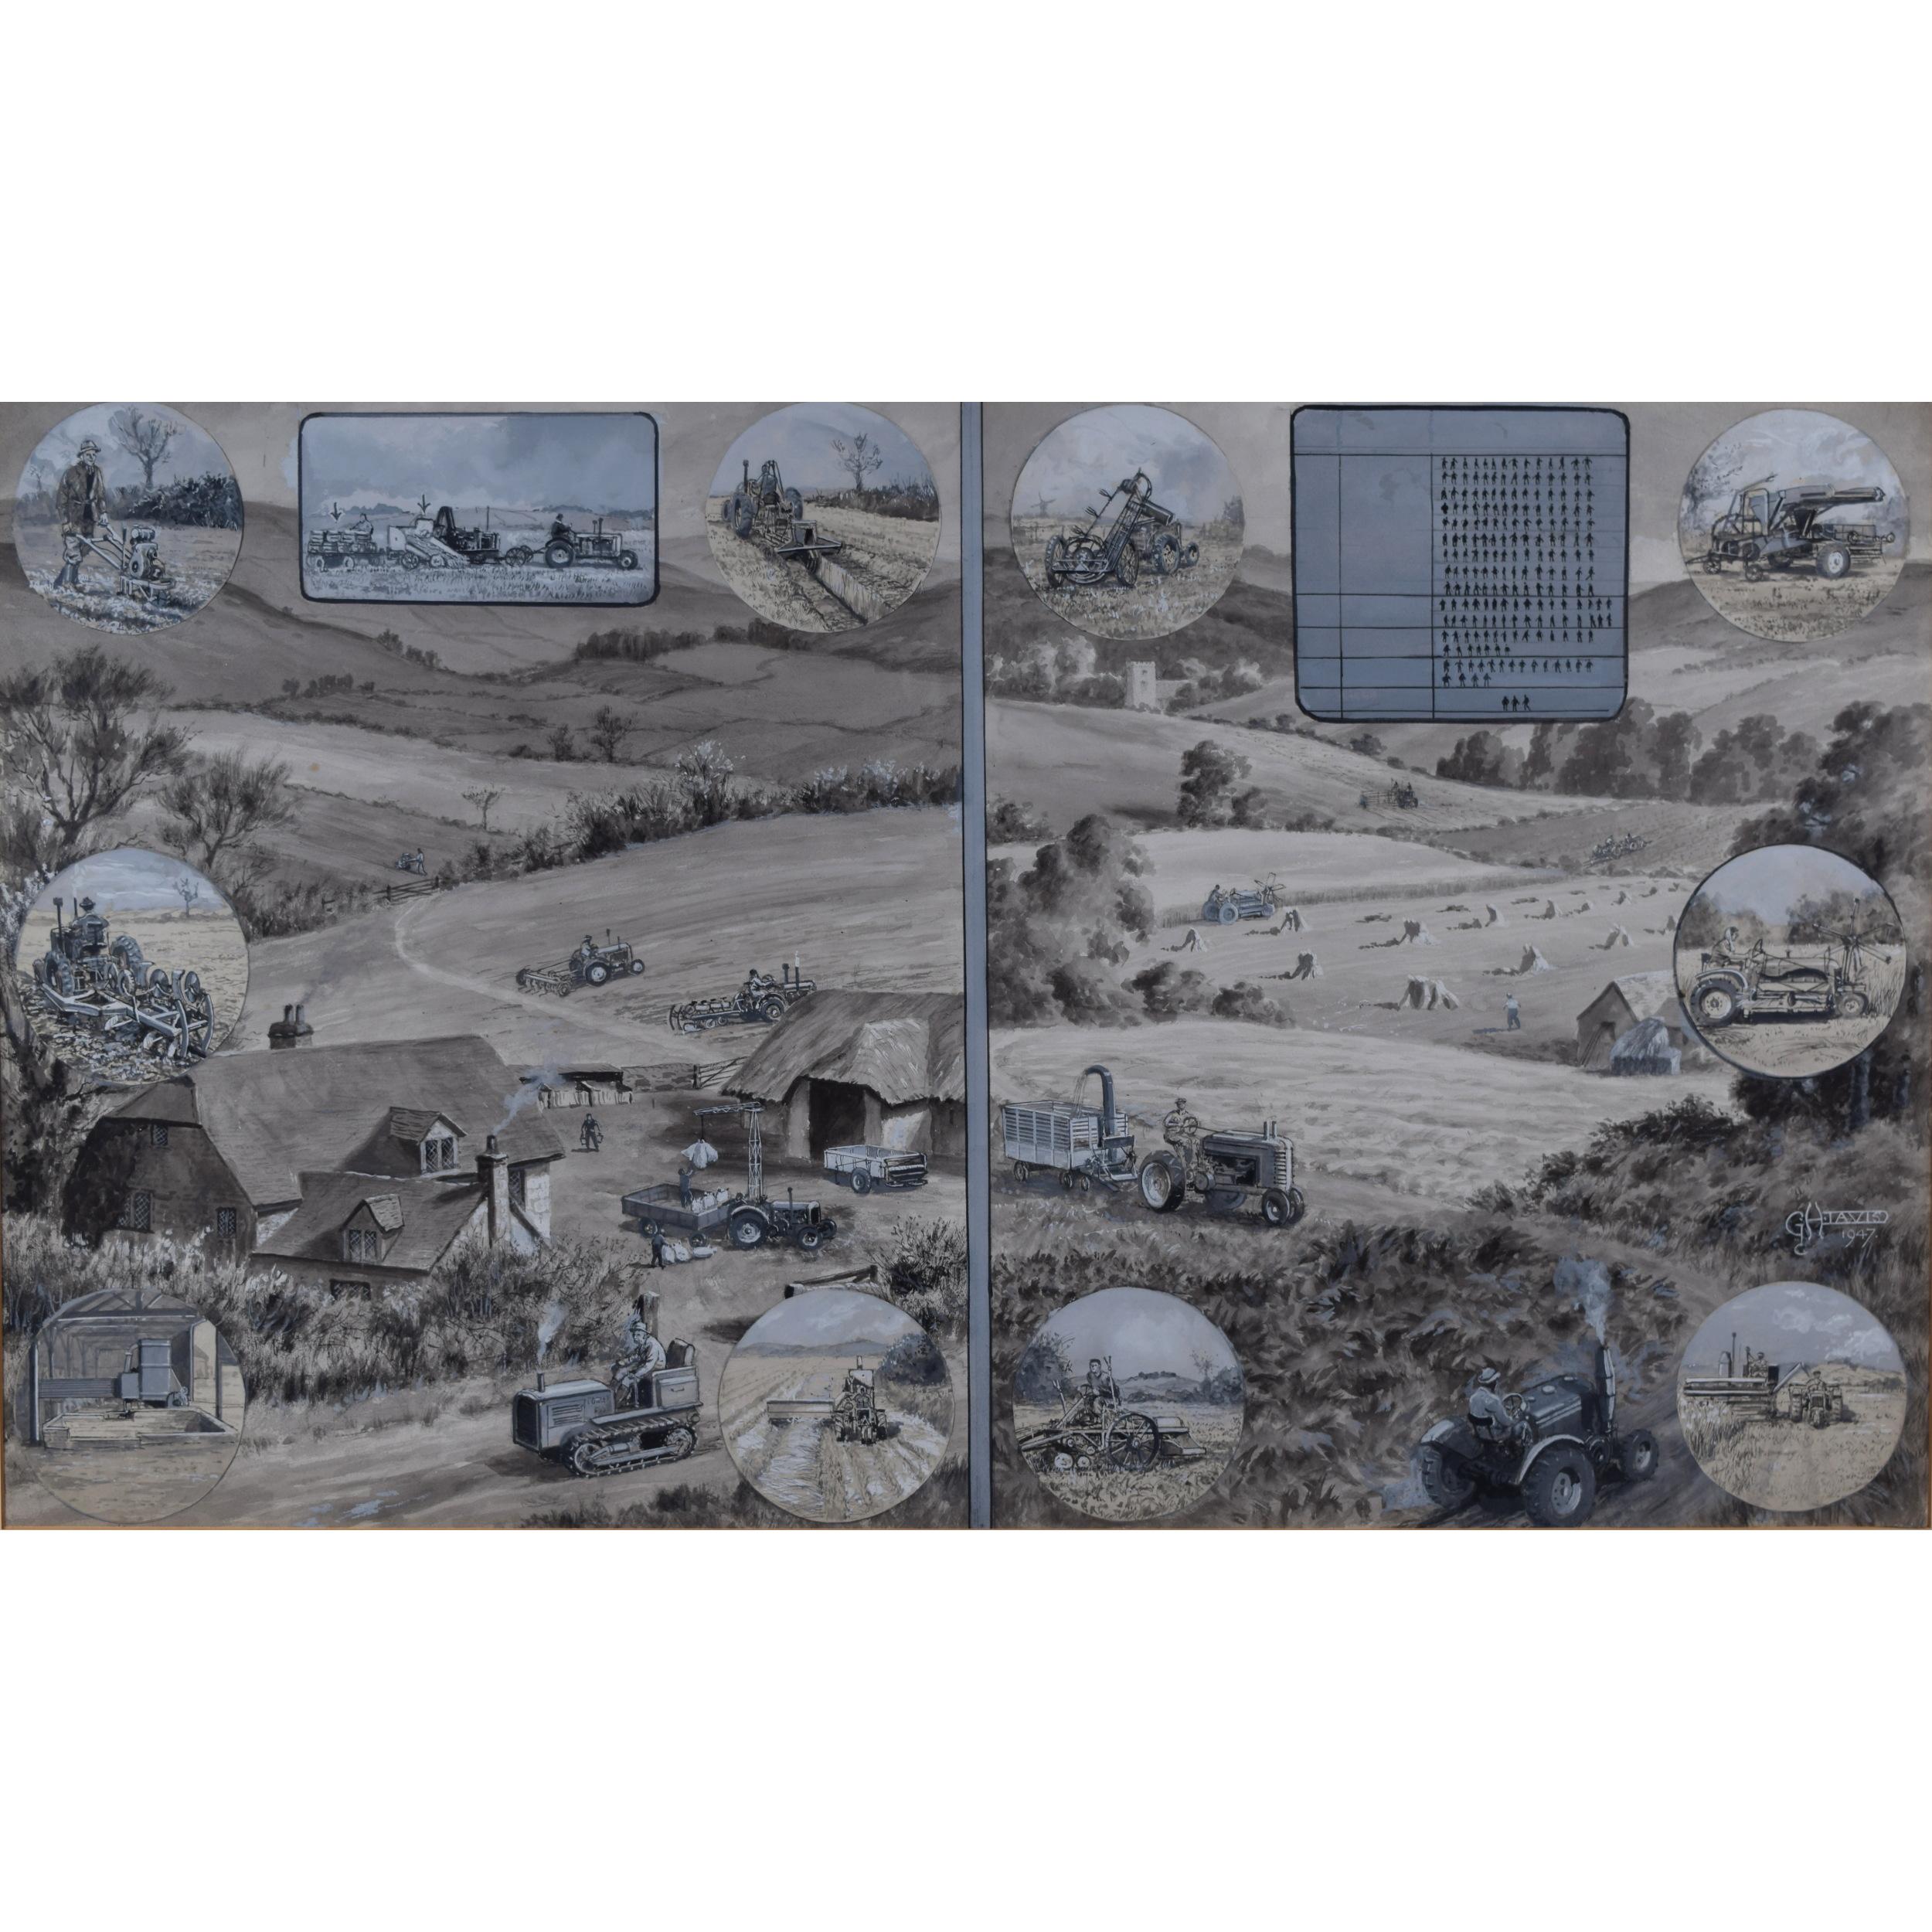 George Horace Davis Illustrated London News Design Agricultural Mechanisation for sale